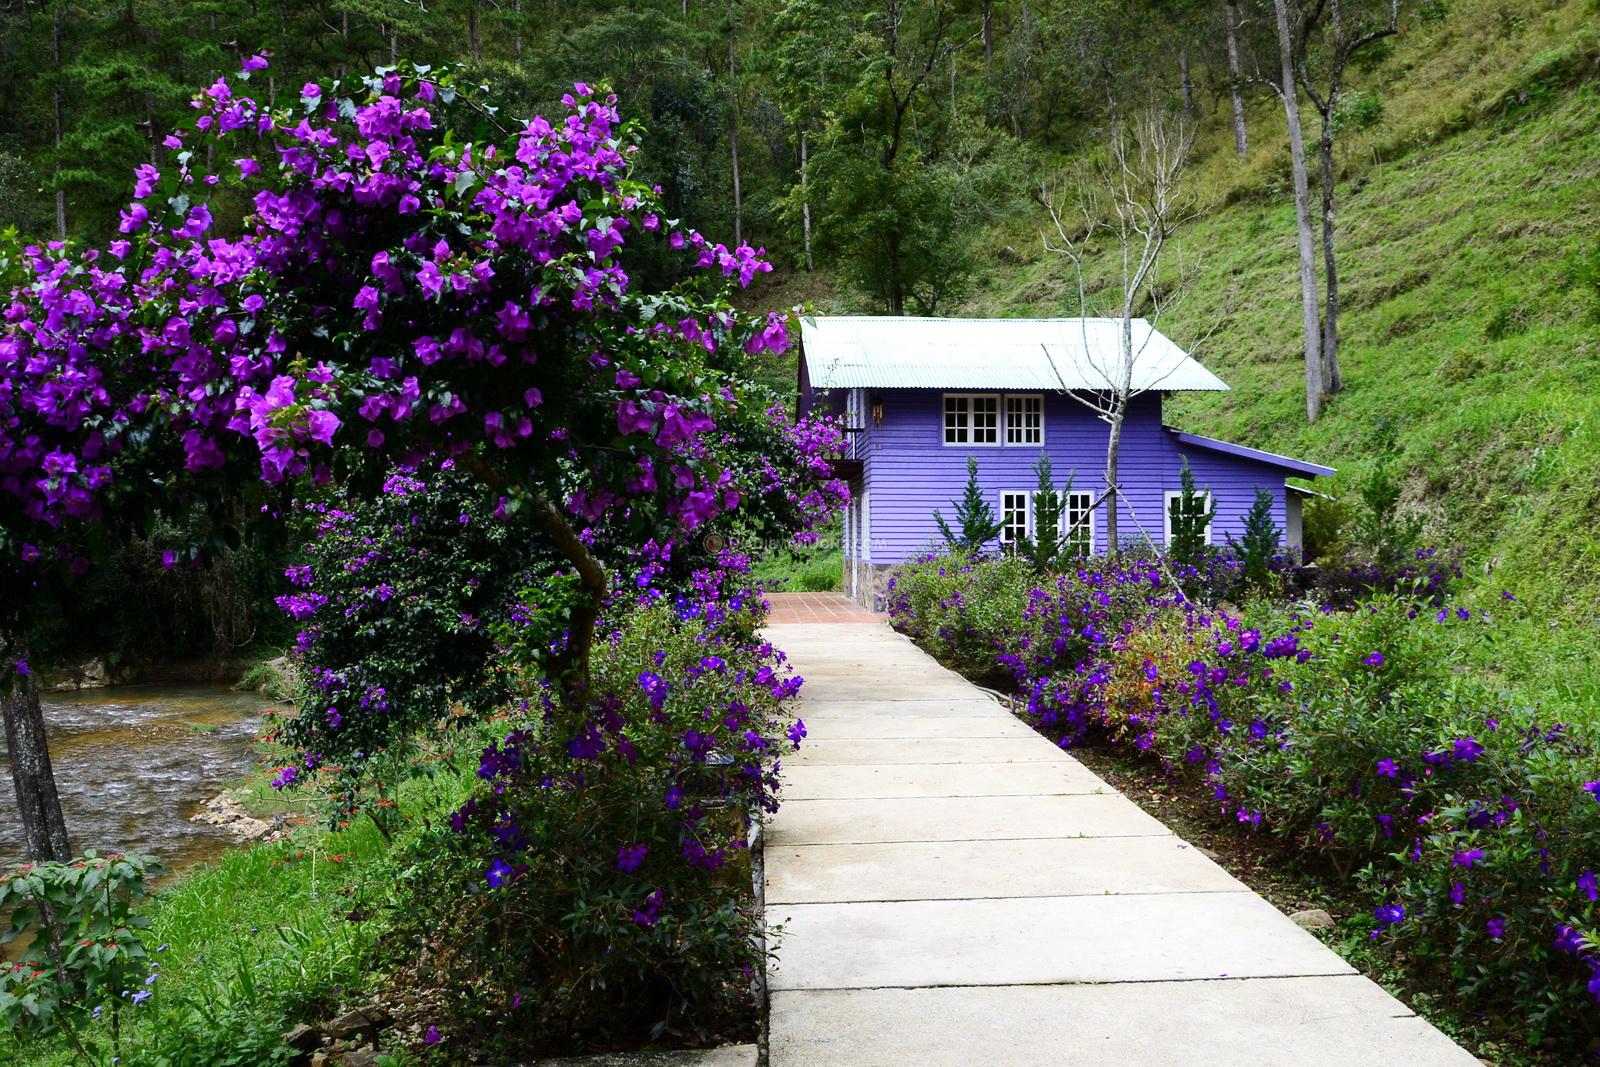 Những ngôi nhà màu tím lãng mãn lấp ló dưới tán hoa sim